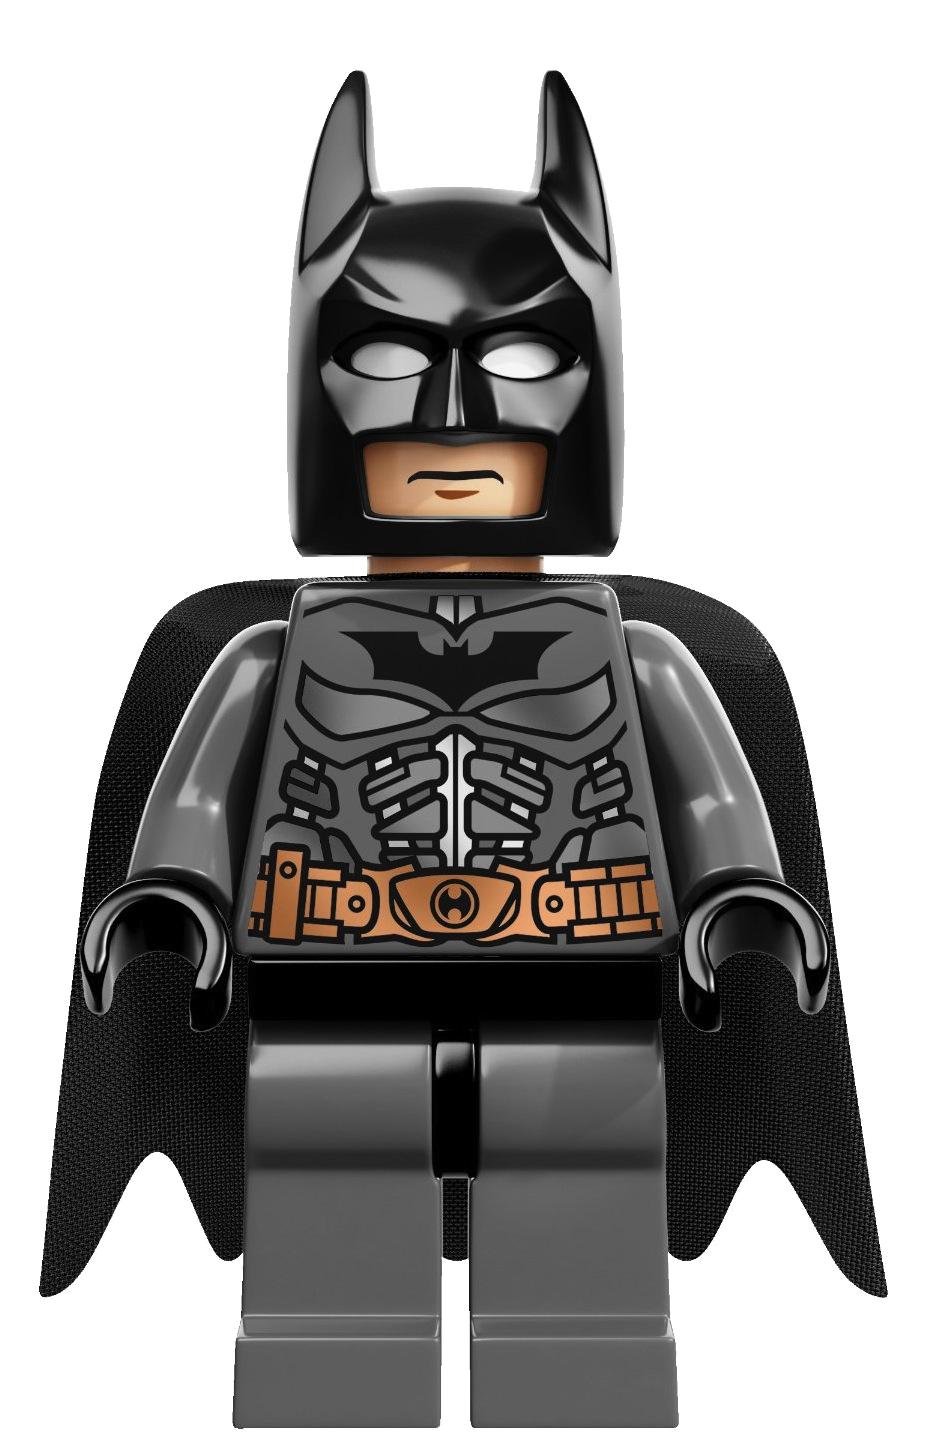 Batman Lego Super Heroes Clipart Png.